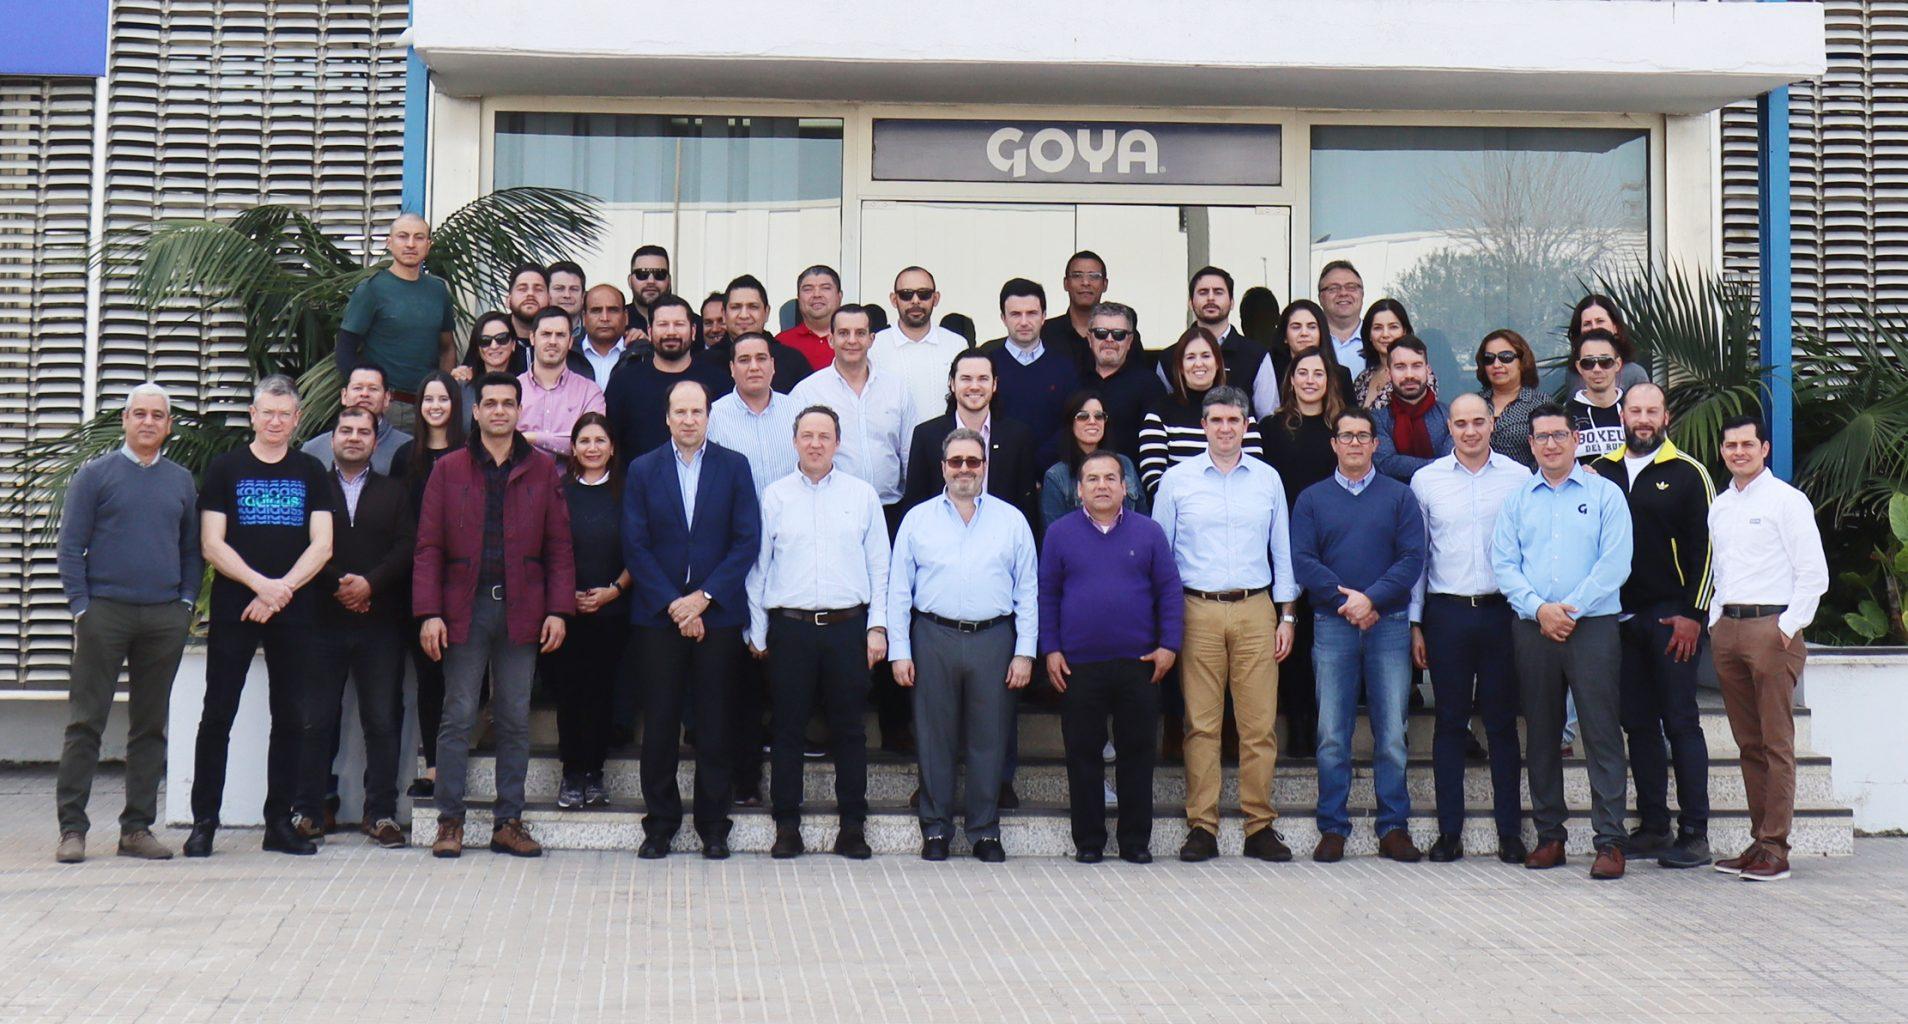 Commercial Convention -Convención comercial de Goya Europa